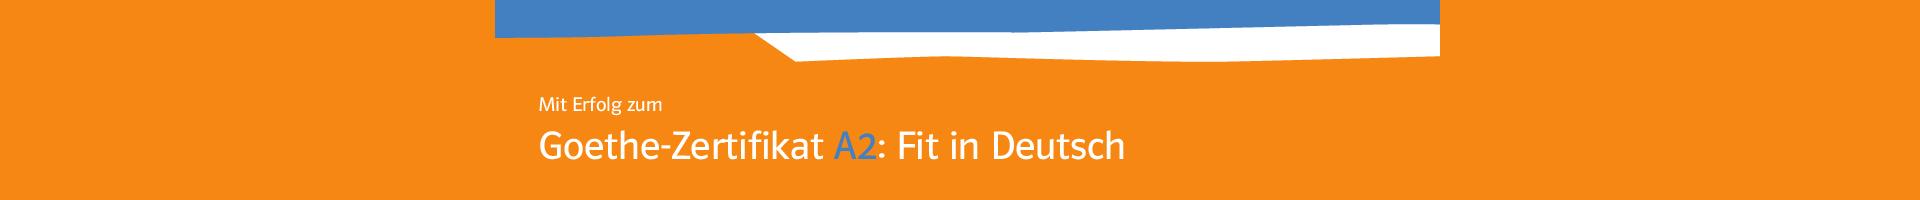 Mit Erfolg Zum Goethe Zertifikat A2 Fit In Deutsch Lehrwerk